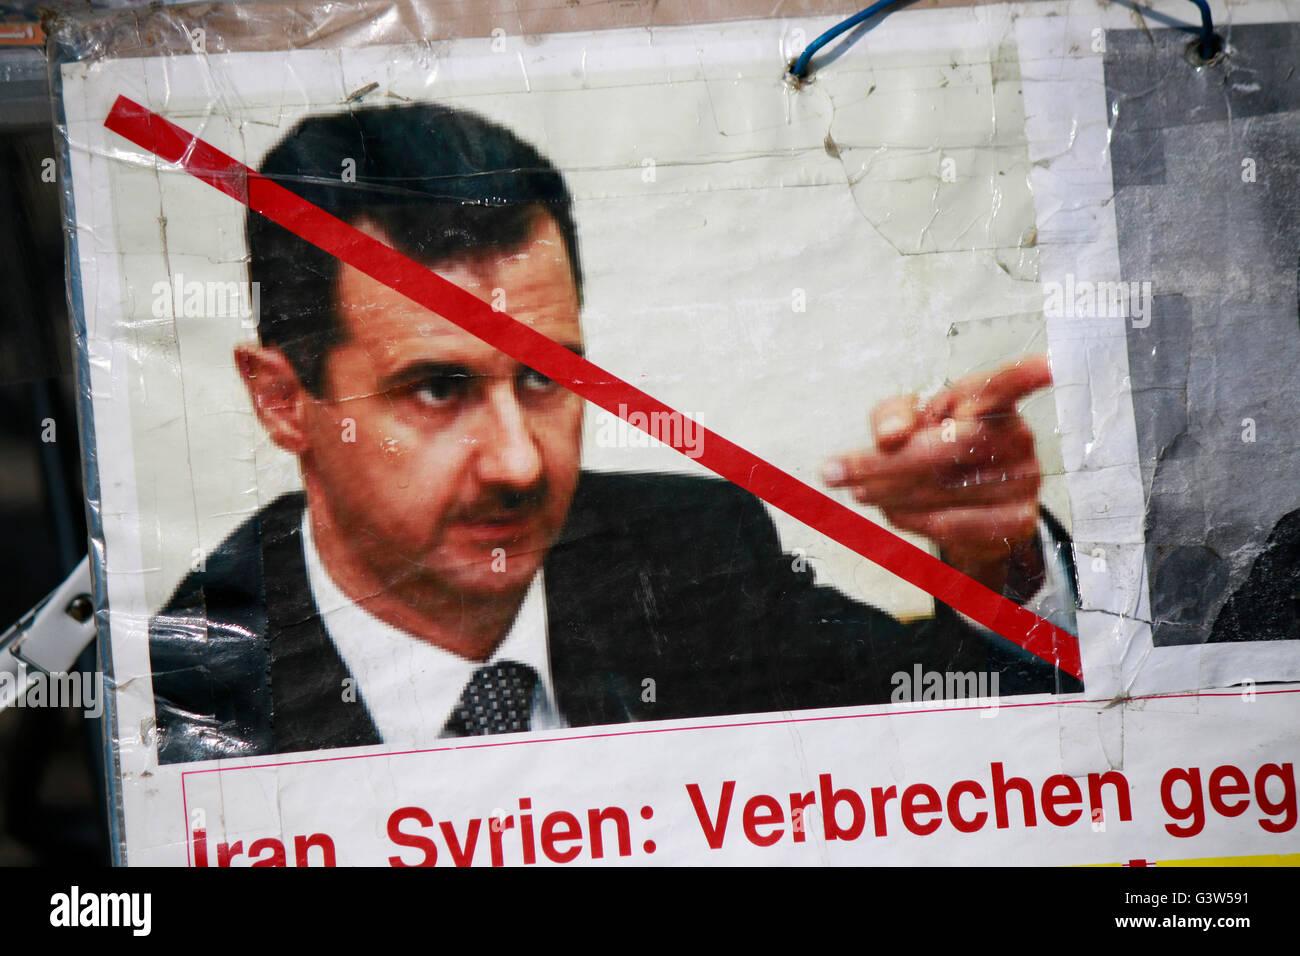 Foto mit Assad - Protestplakat gegen die iranische Regierung, Berlin-Mitte. - Stock Image